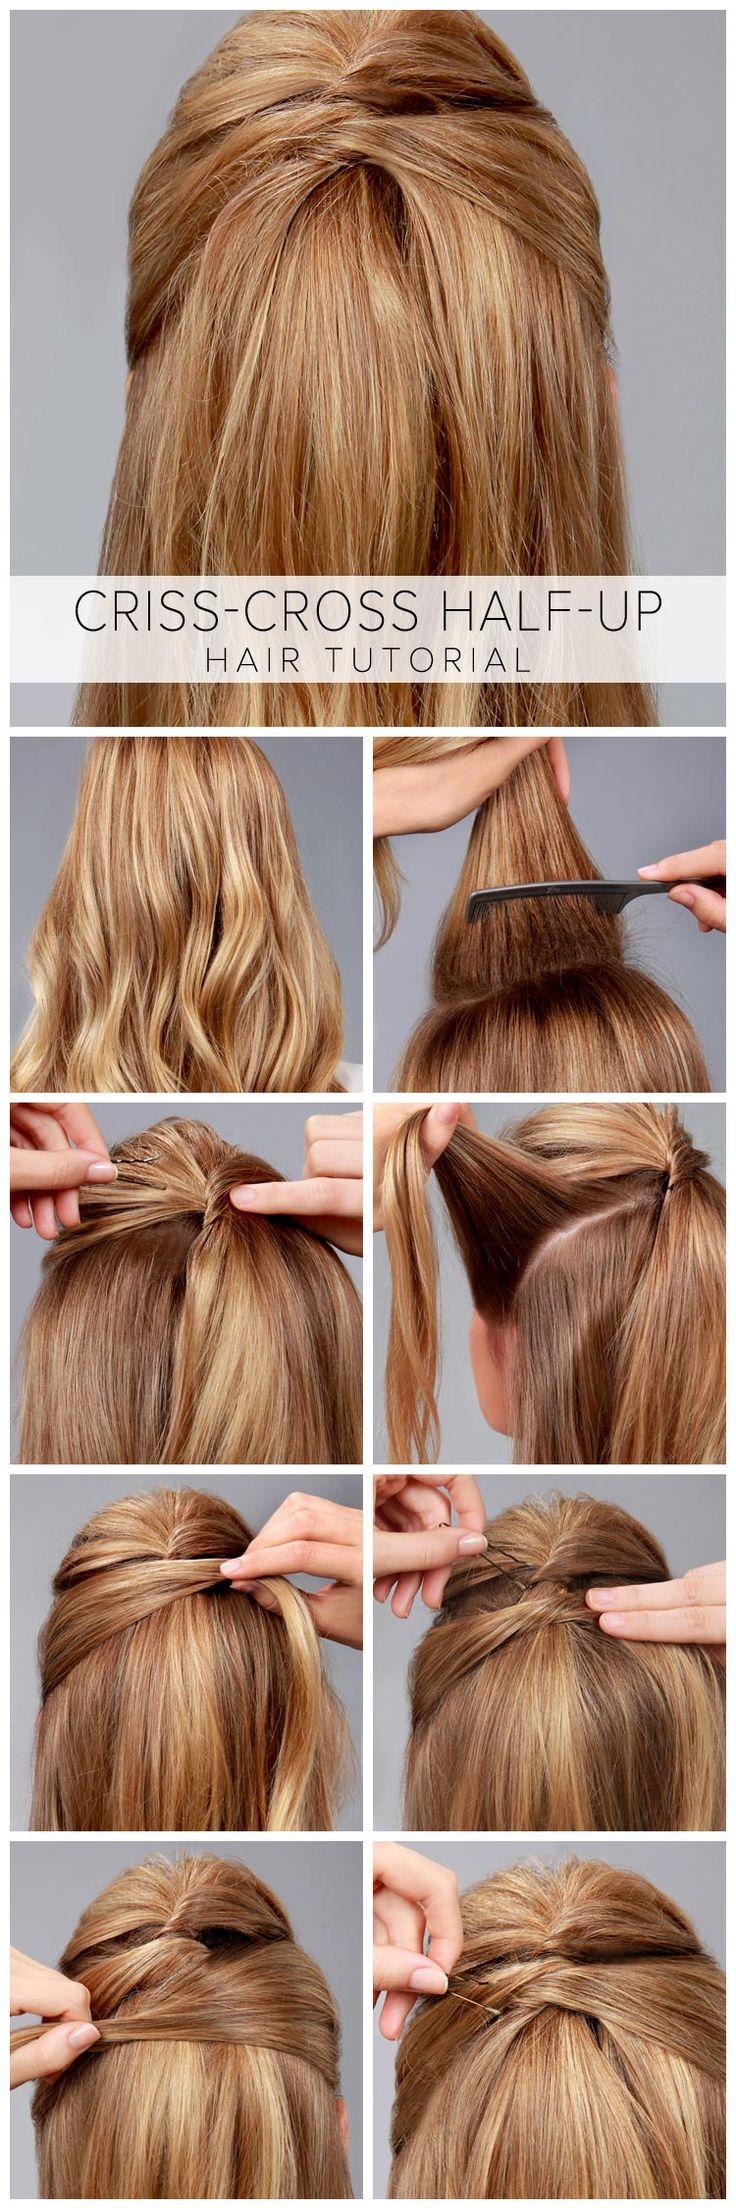 45+ Beste Einfache und Schnelle Frisuren für Die Schule